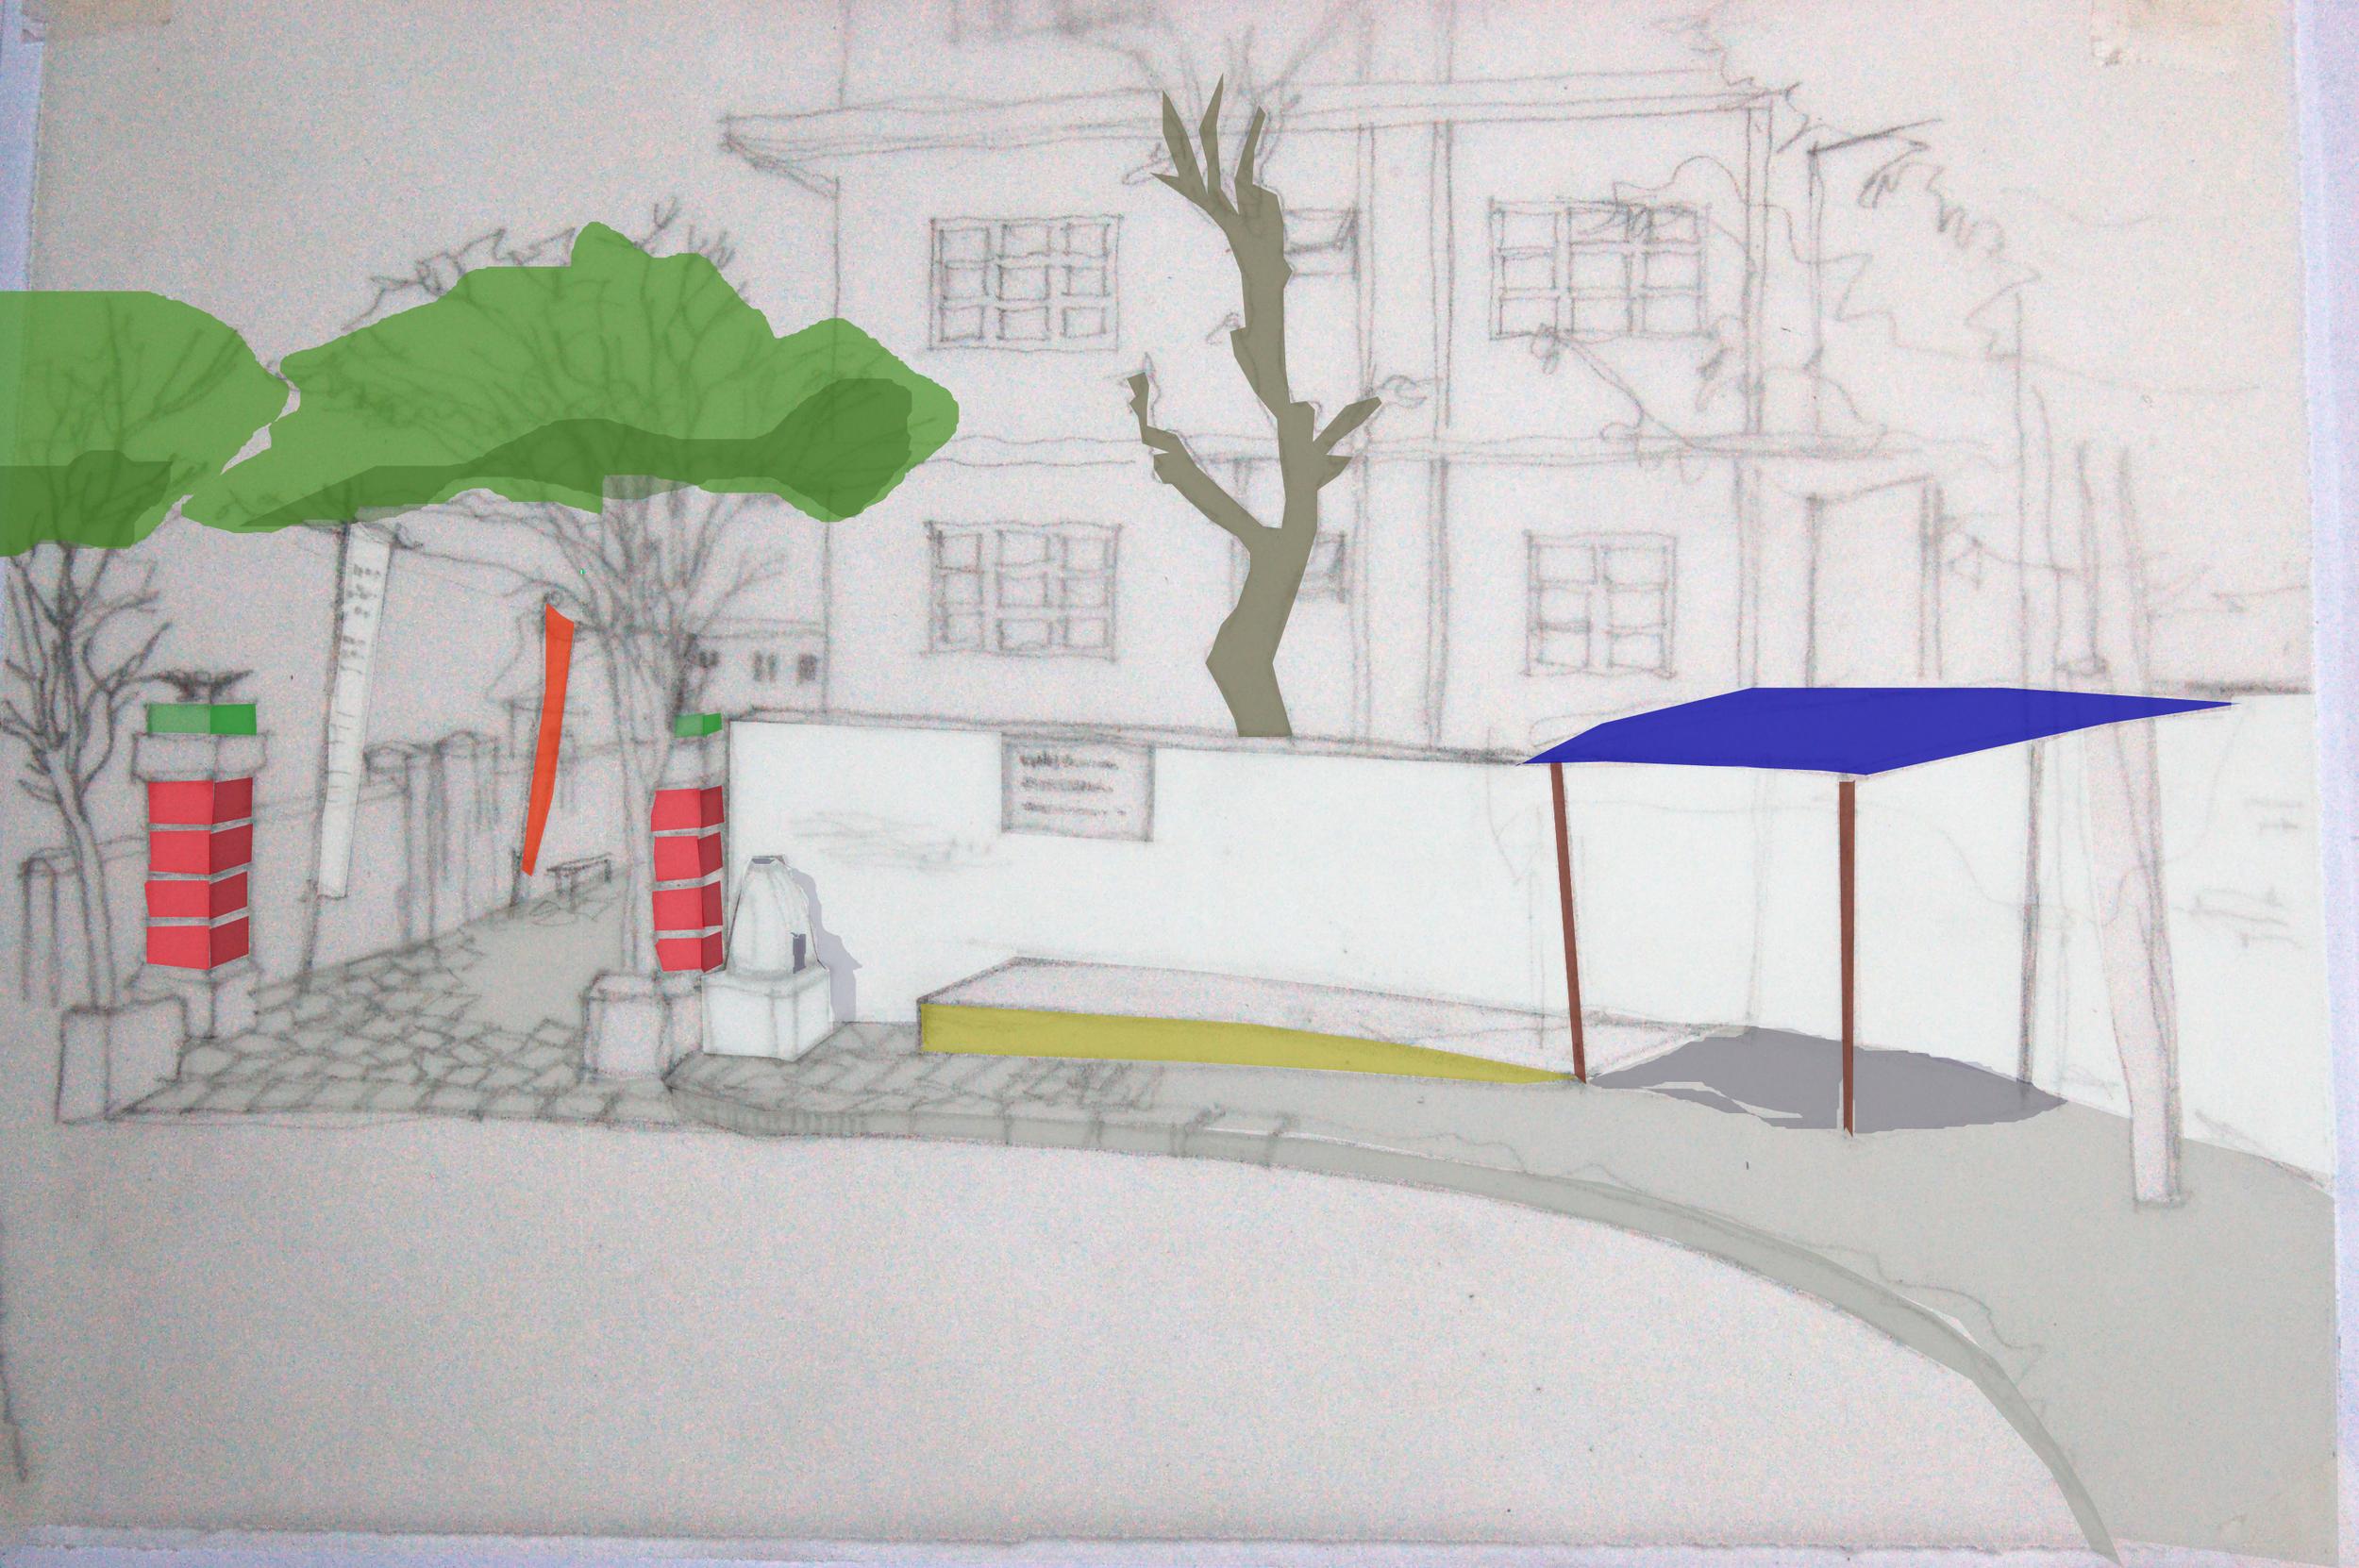 Illustrasjon av planlagte tiltak i området ved porten inn til sykehuset